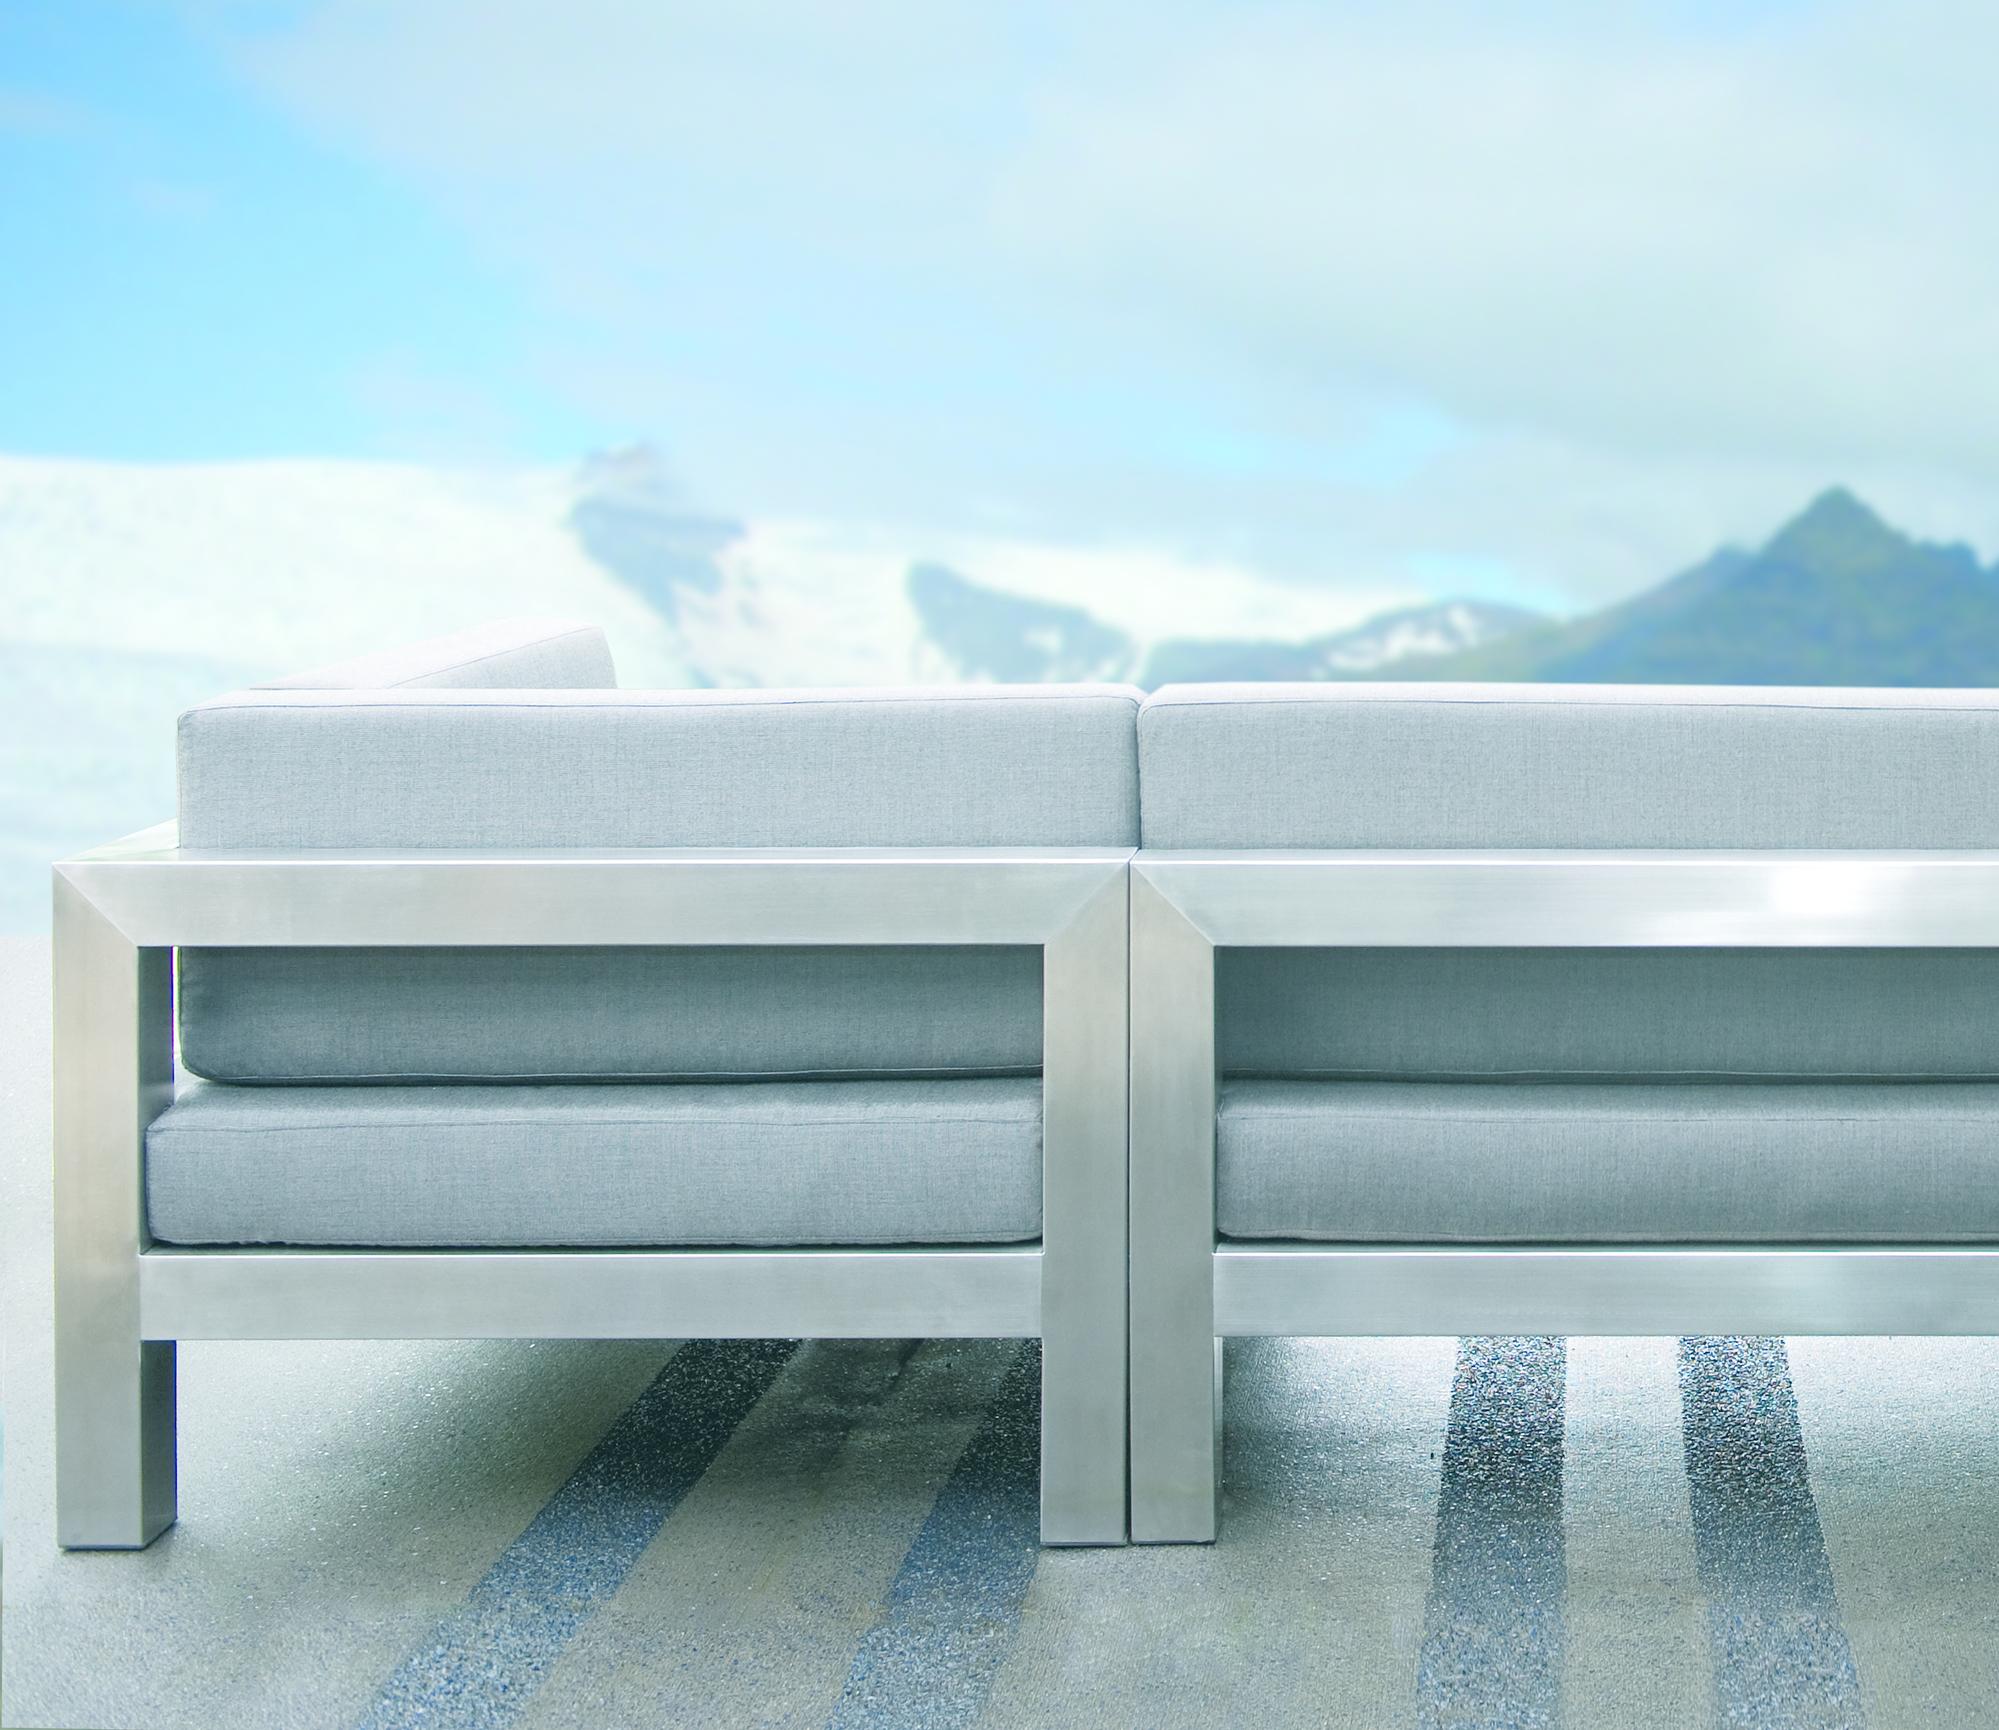 Loungeset-Reflex-RVS-grijs-Bee Wett- achterkant